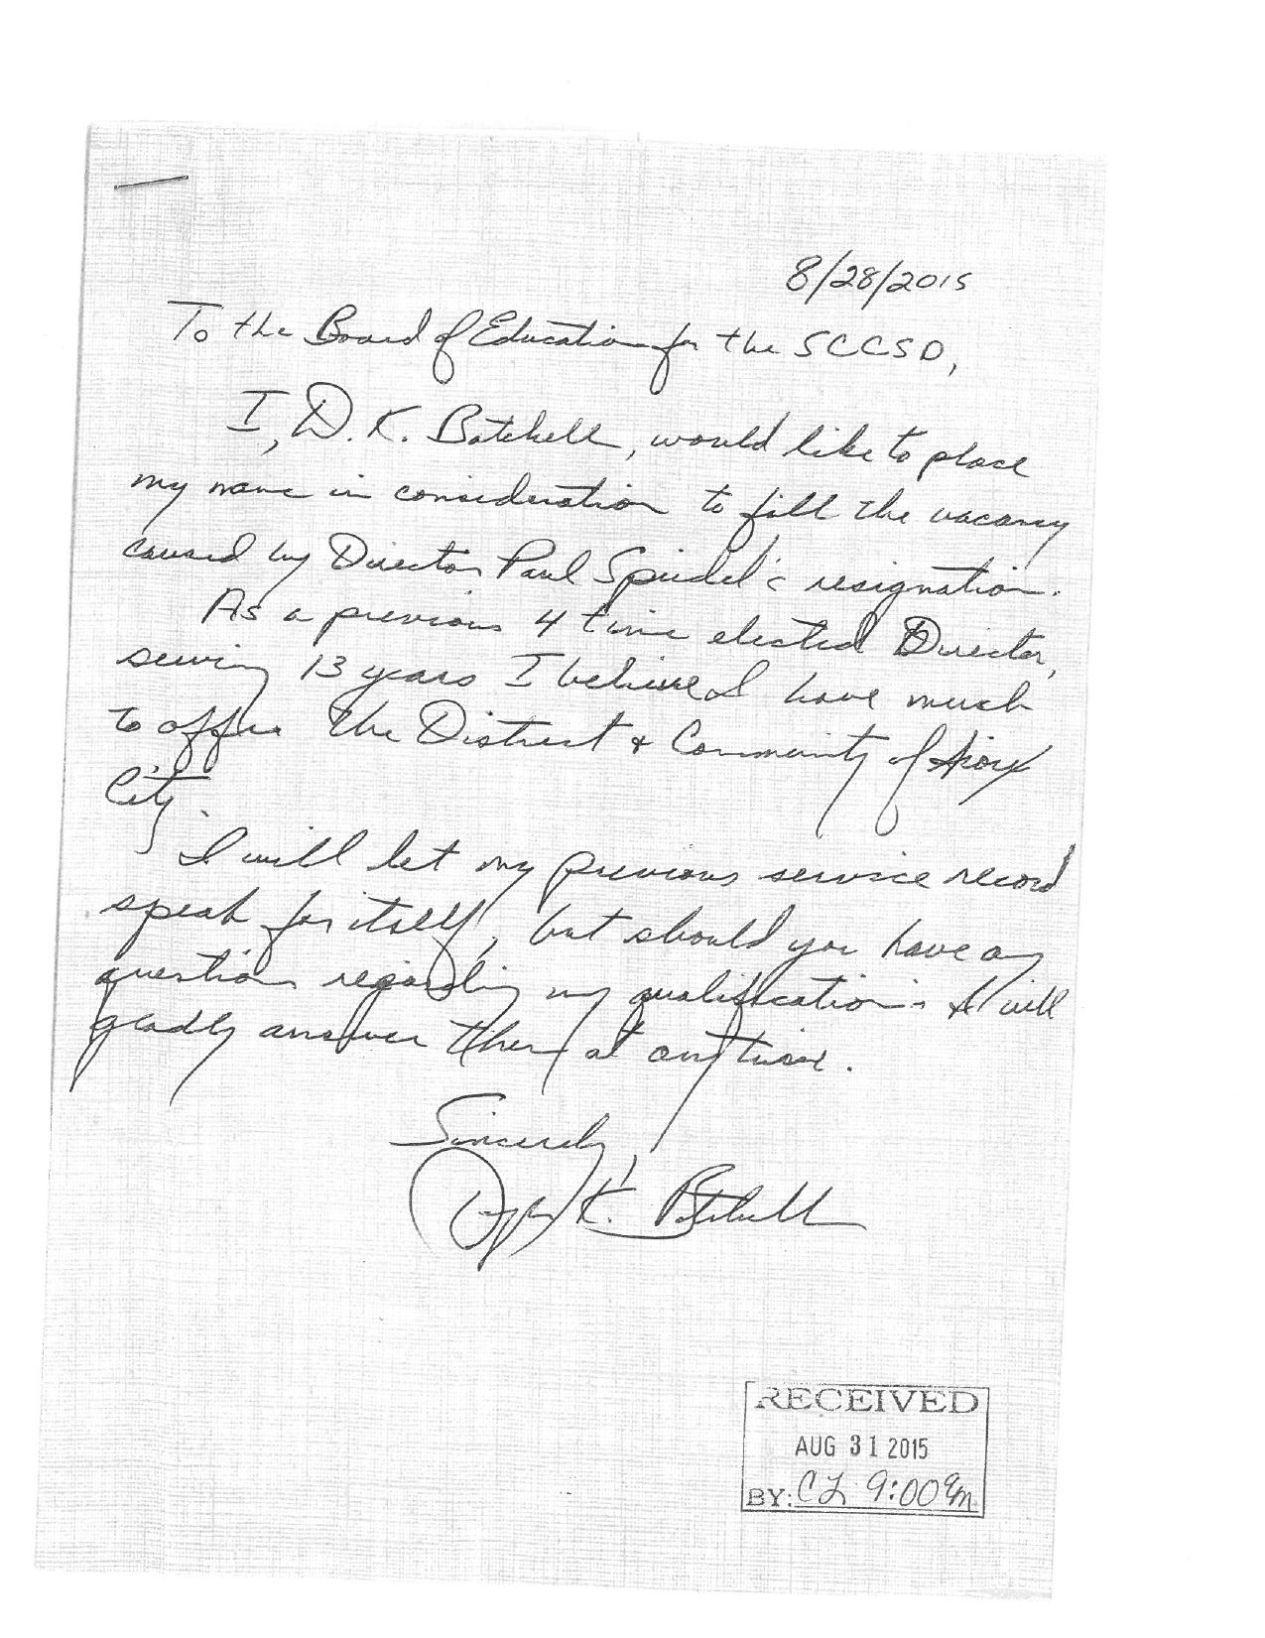 School board vacancy letters of interest